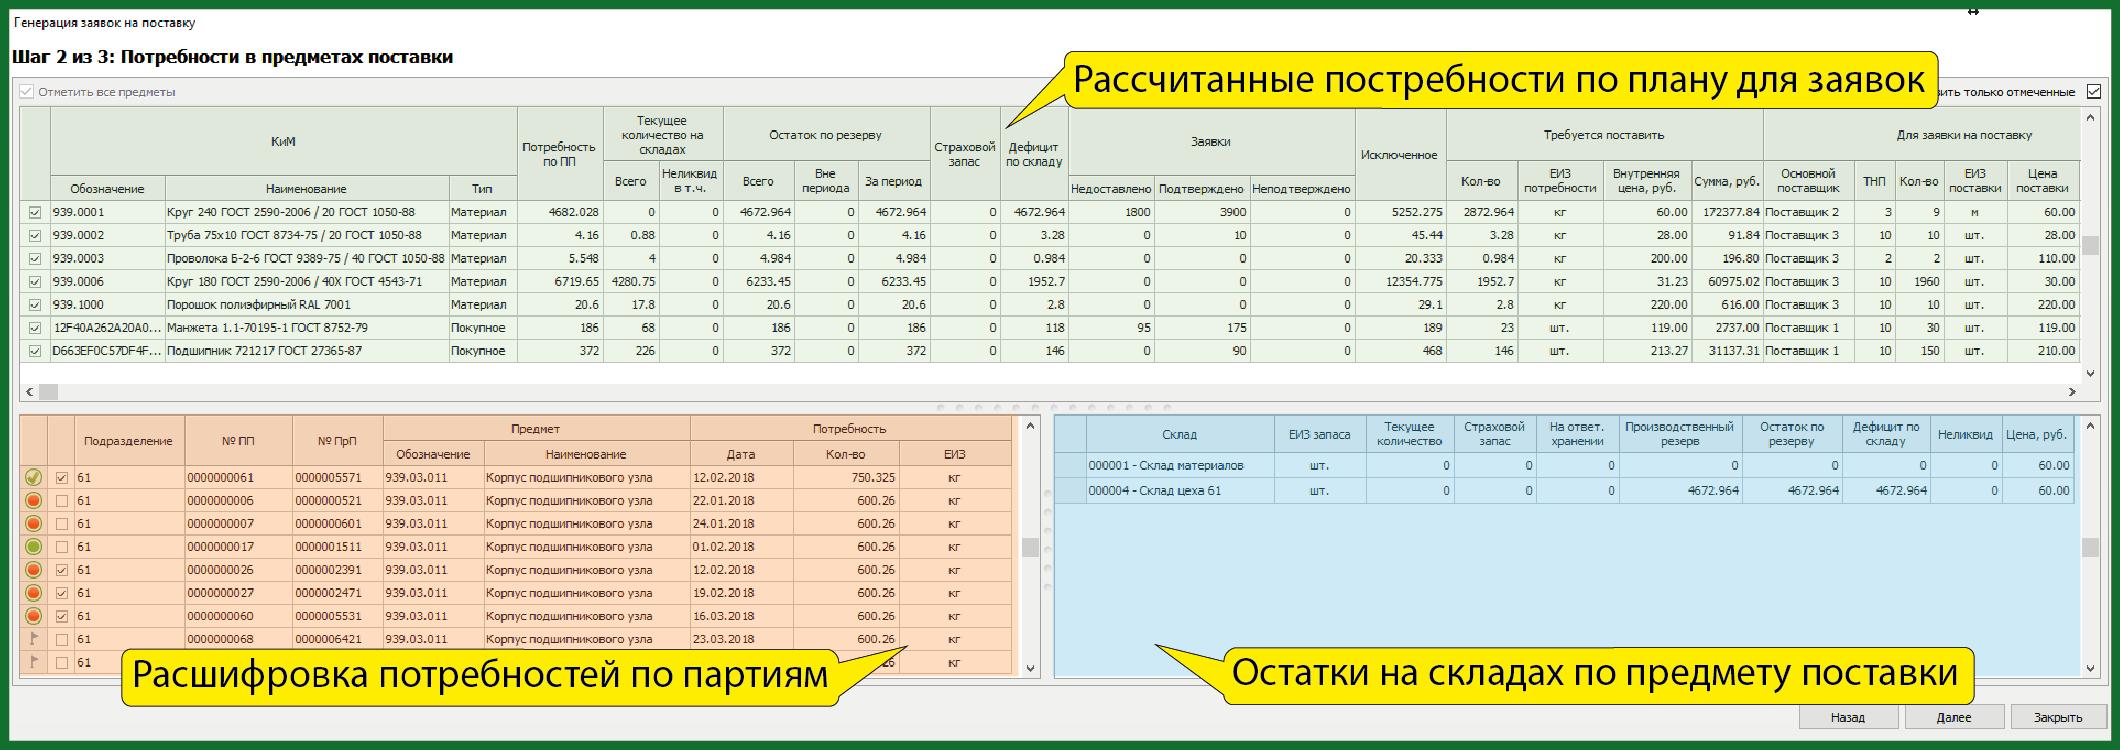 СПРУТ-ОКП планирование производства Снабжение рассчитанные потребности